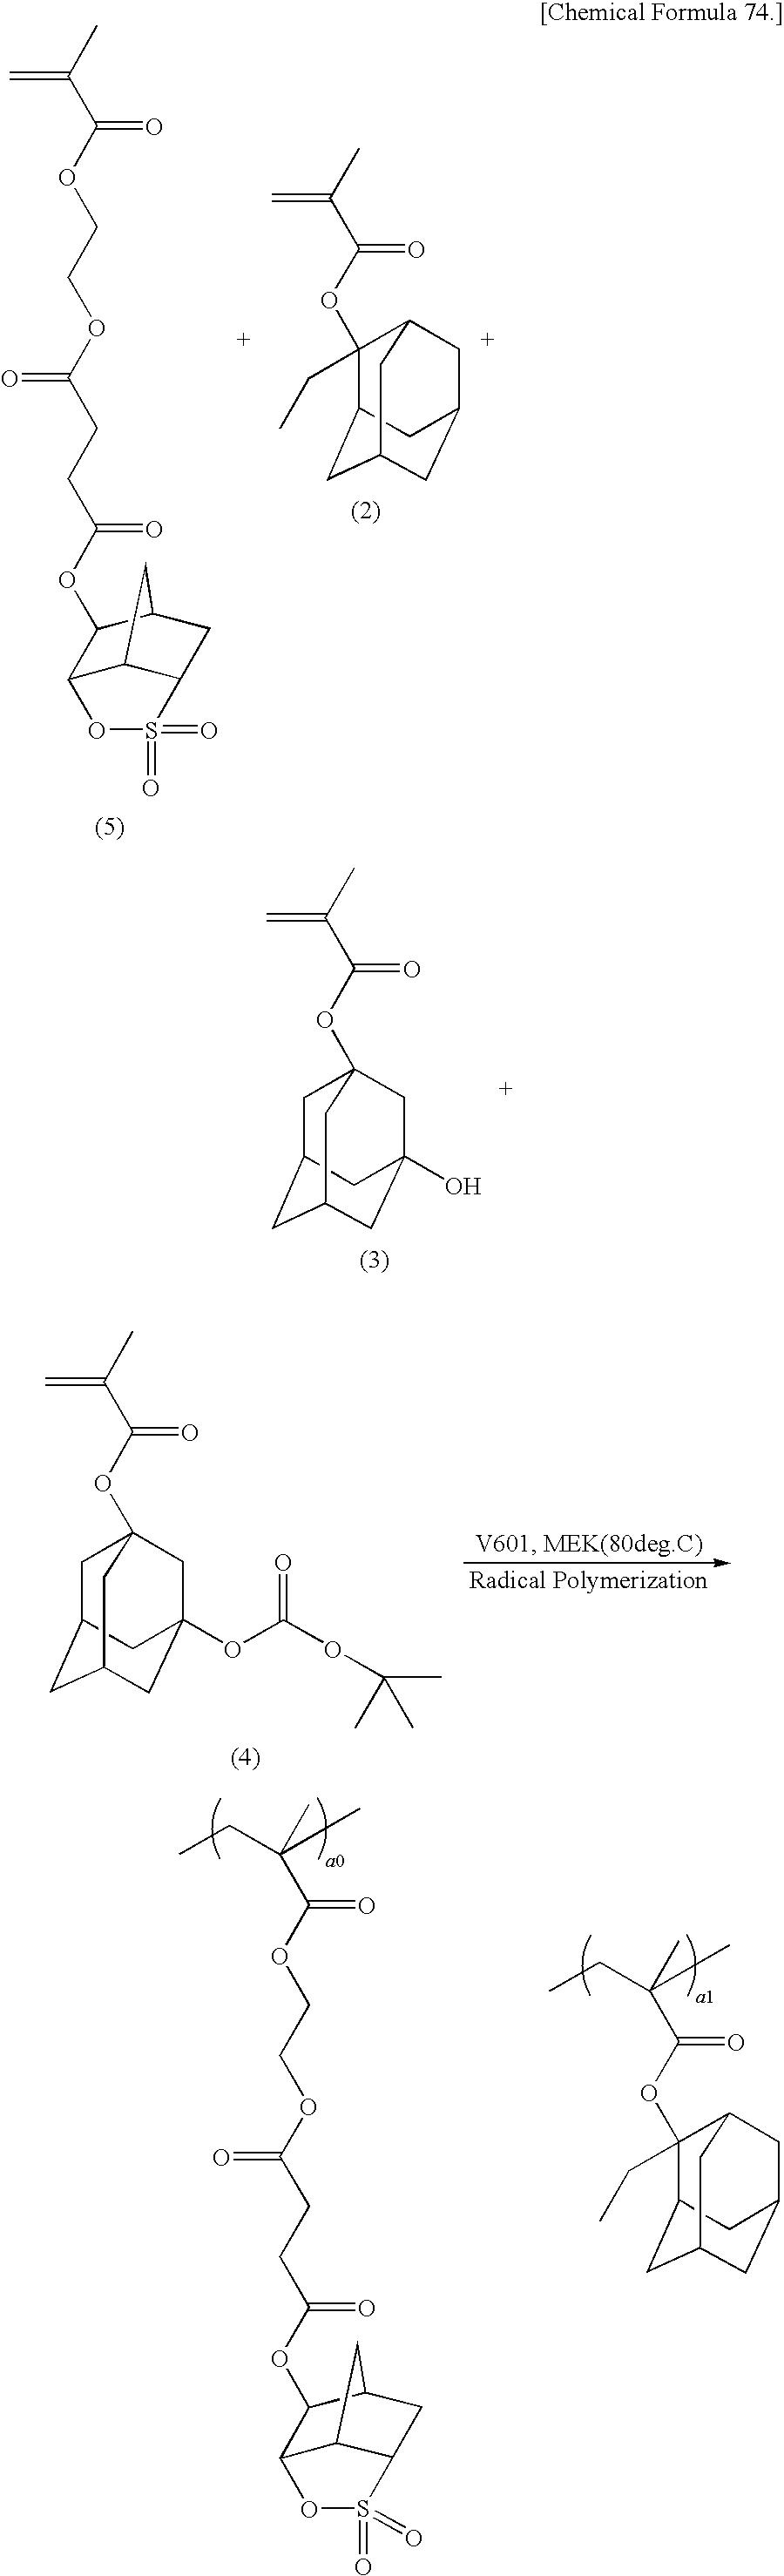 Figure US20100196821A1-20100805-C00105